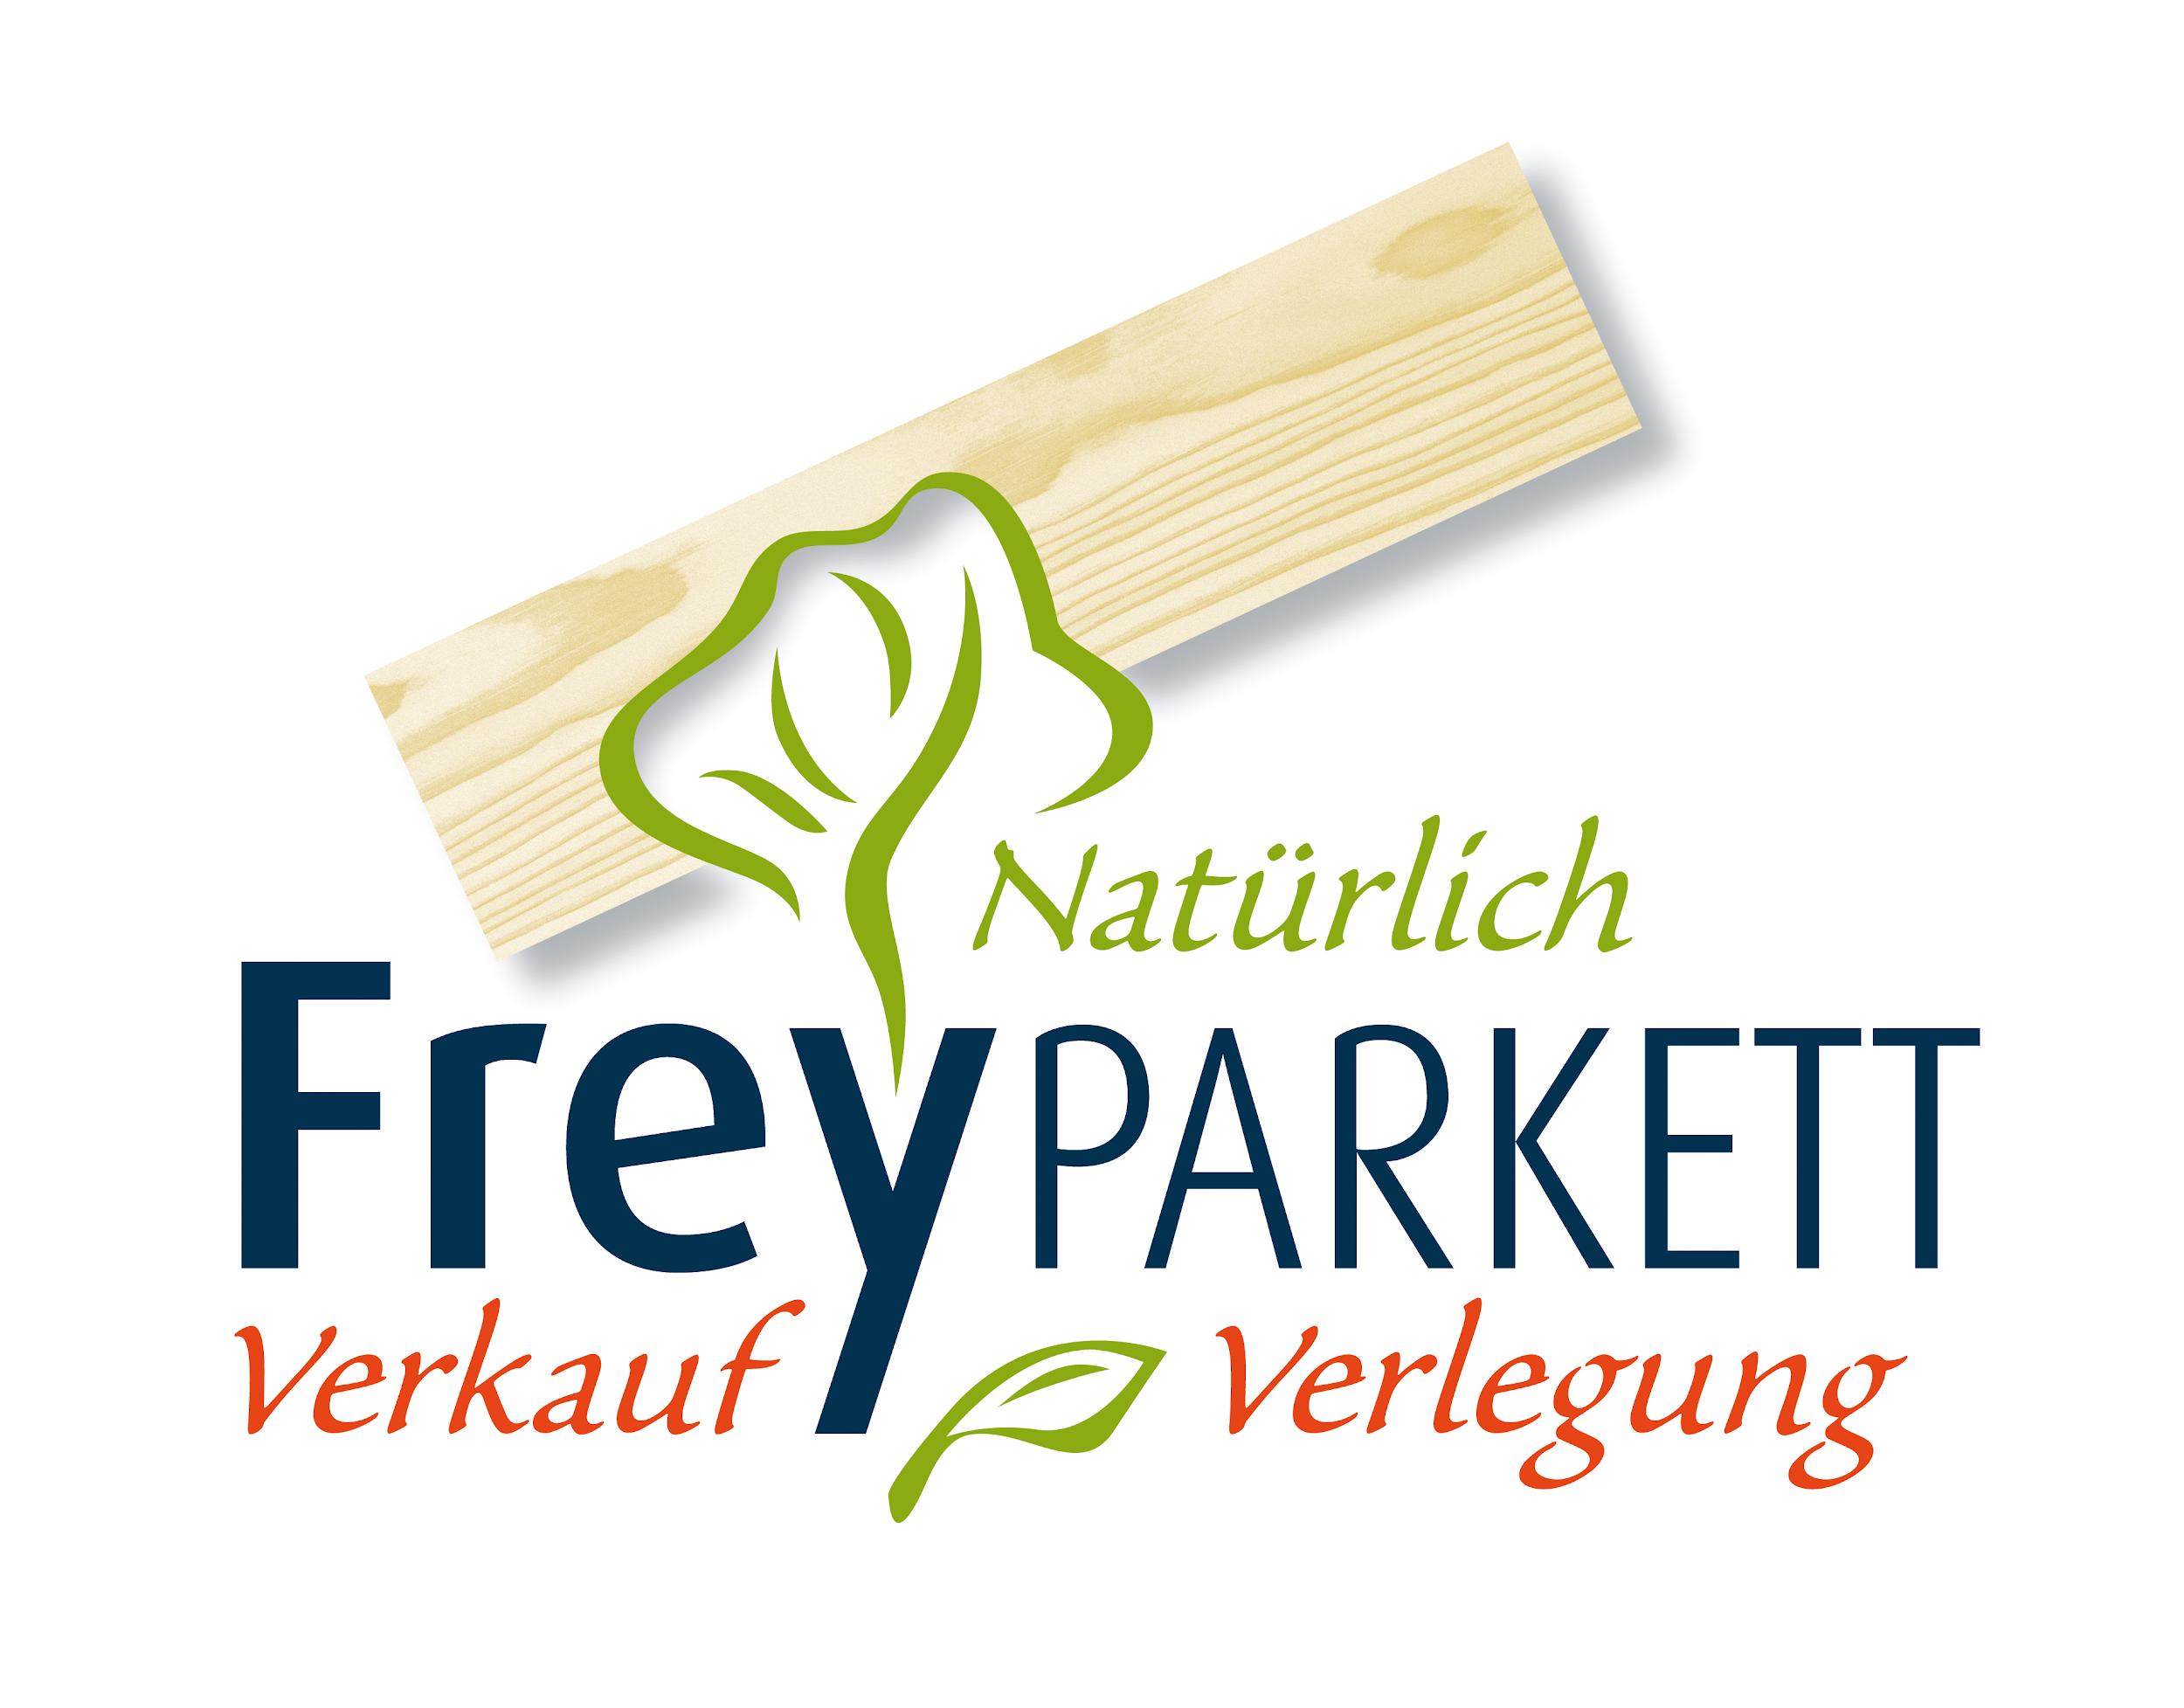 Frey-Parkett